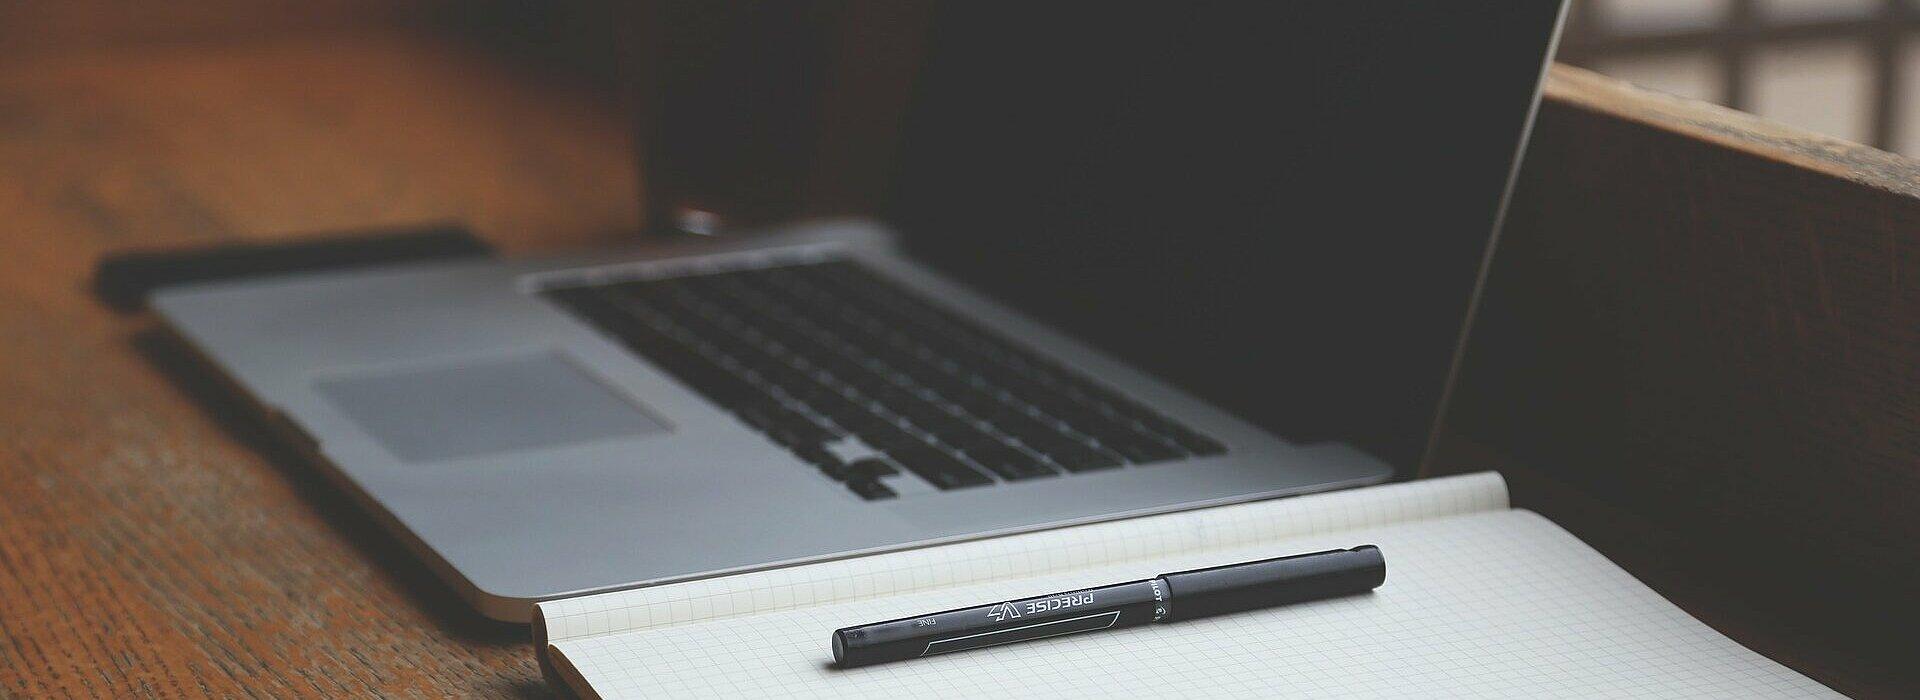 Notebook ao lado de caderno, ambos em cima da mesa.